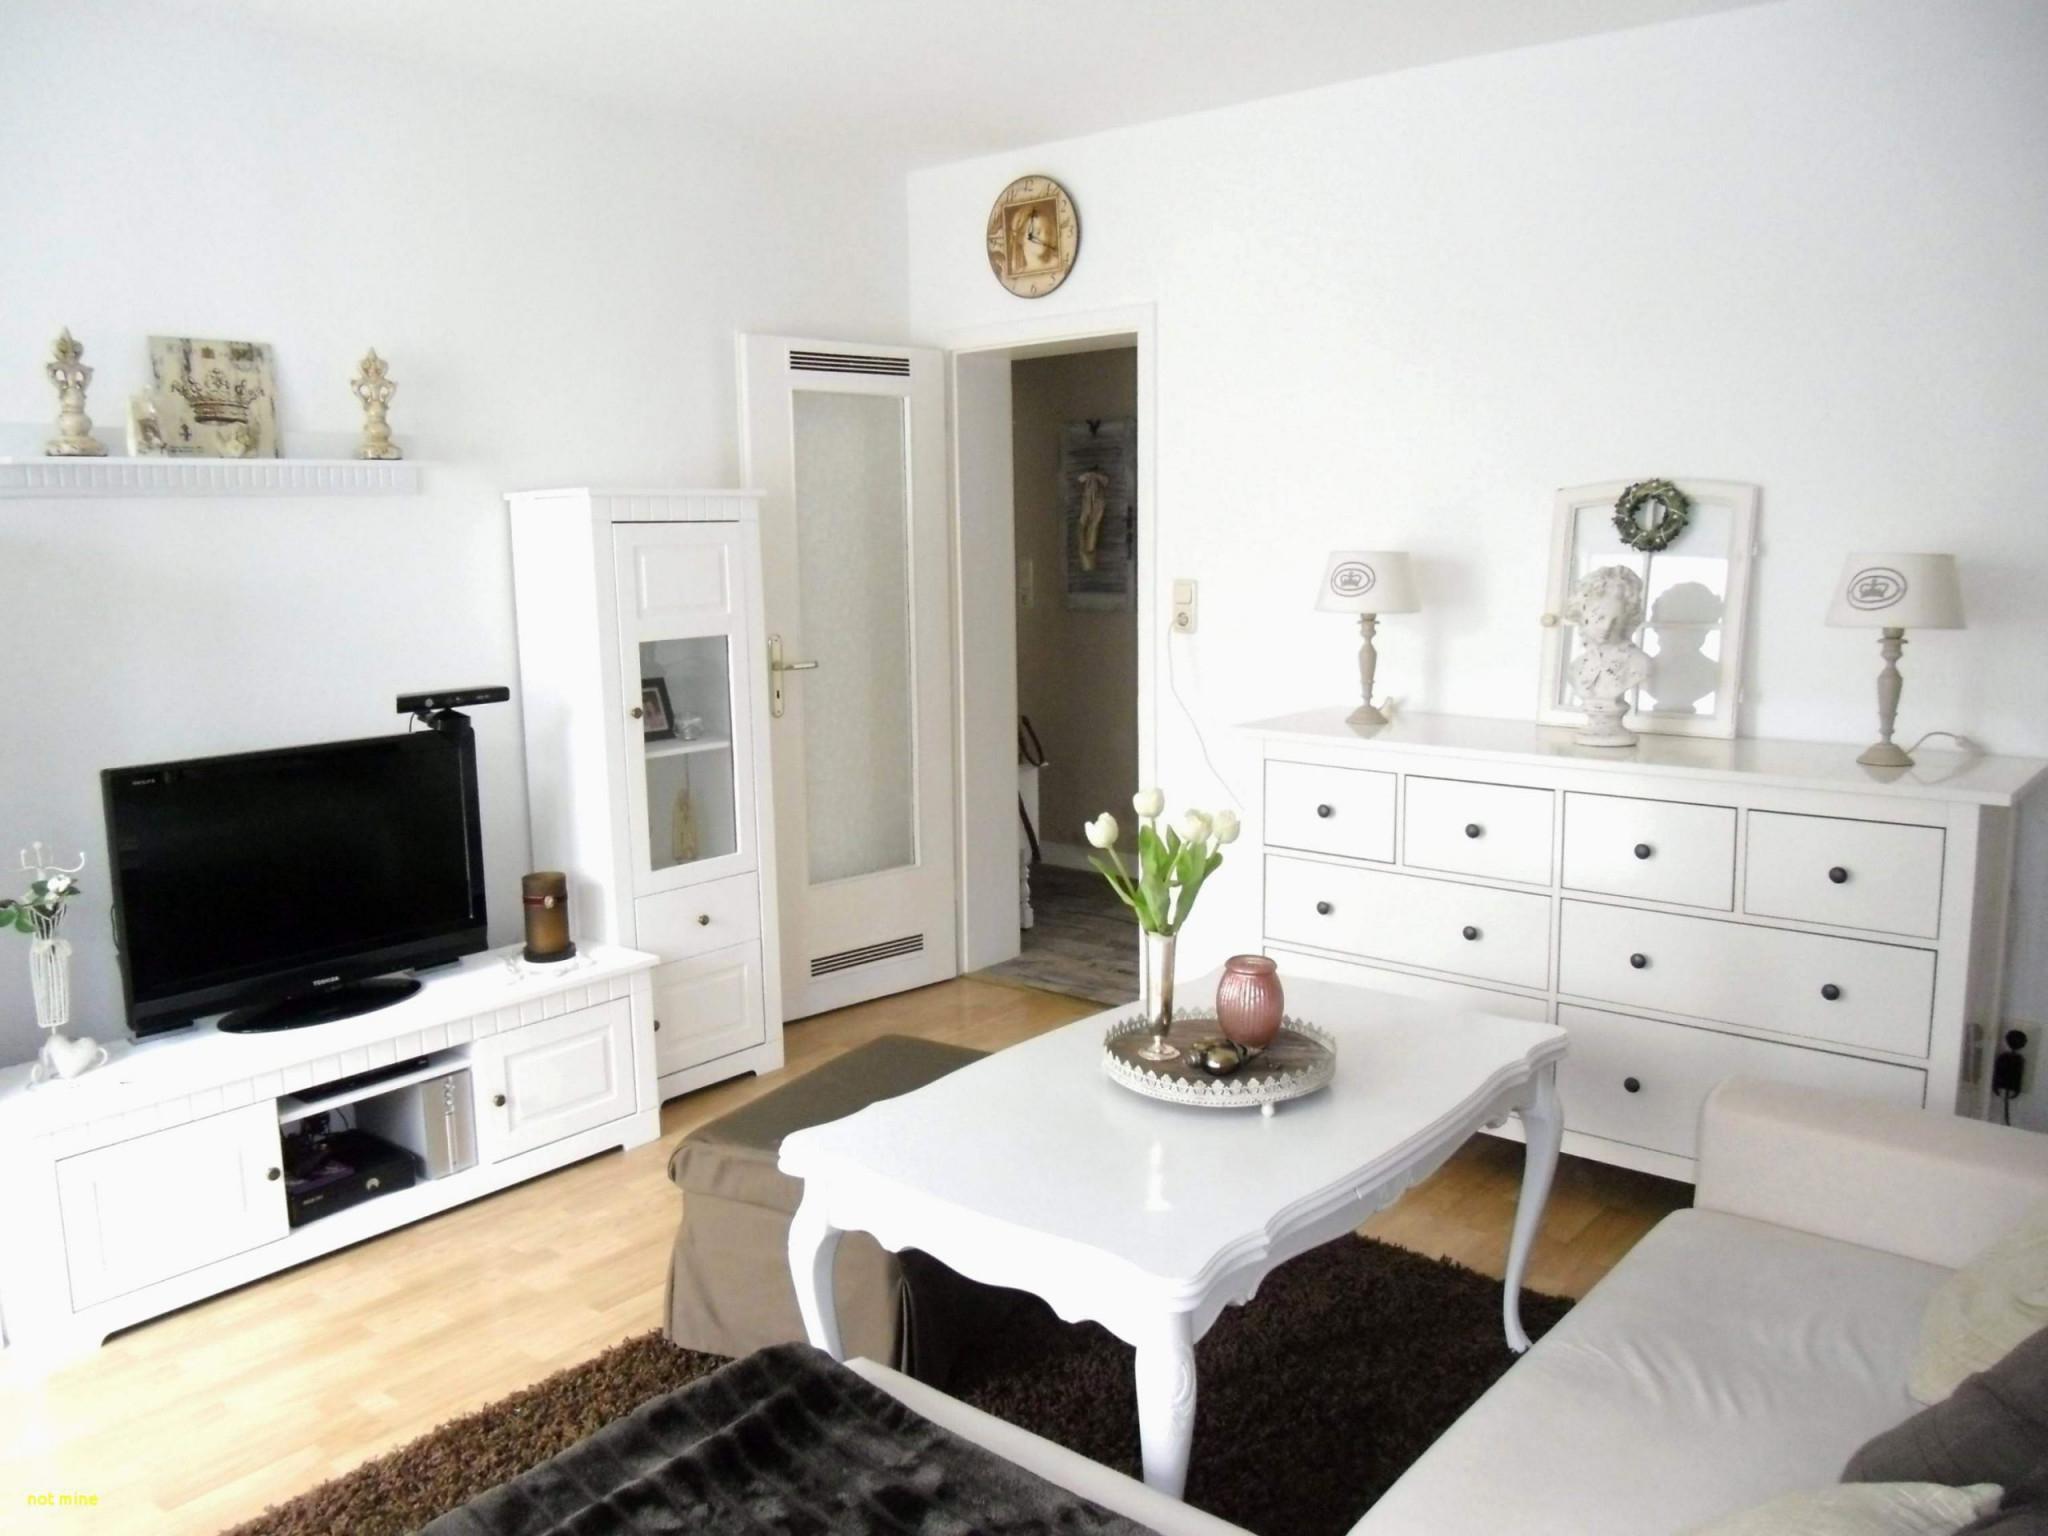 32 Luxus Deko Ideen Wohnzimmer Das Beste Von  Wohnzimmer Frisch von Ideen Wohnzimmer Deko Bild